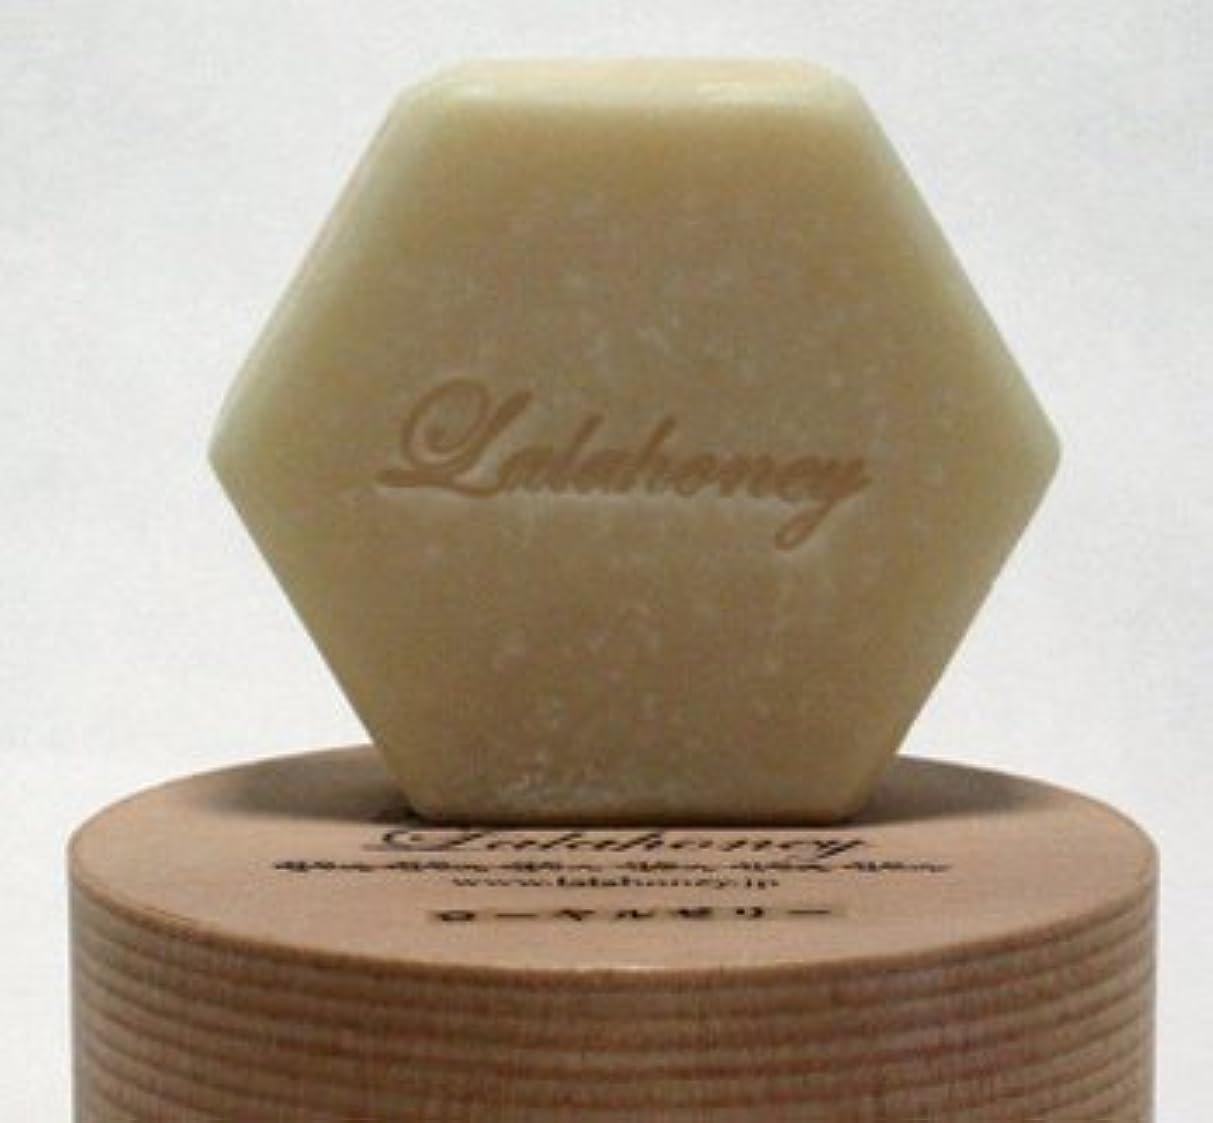 威信のれん農場みつばちコスメシリーズ「LALAHONEY 石鹸(ローヤルゼリー) 90g(わっぱ容器付?泡たてネット付)」